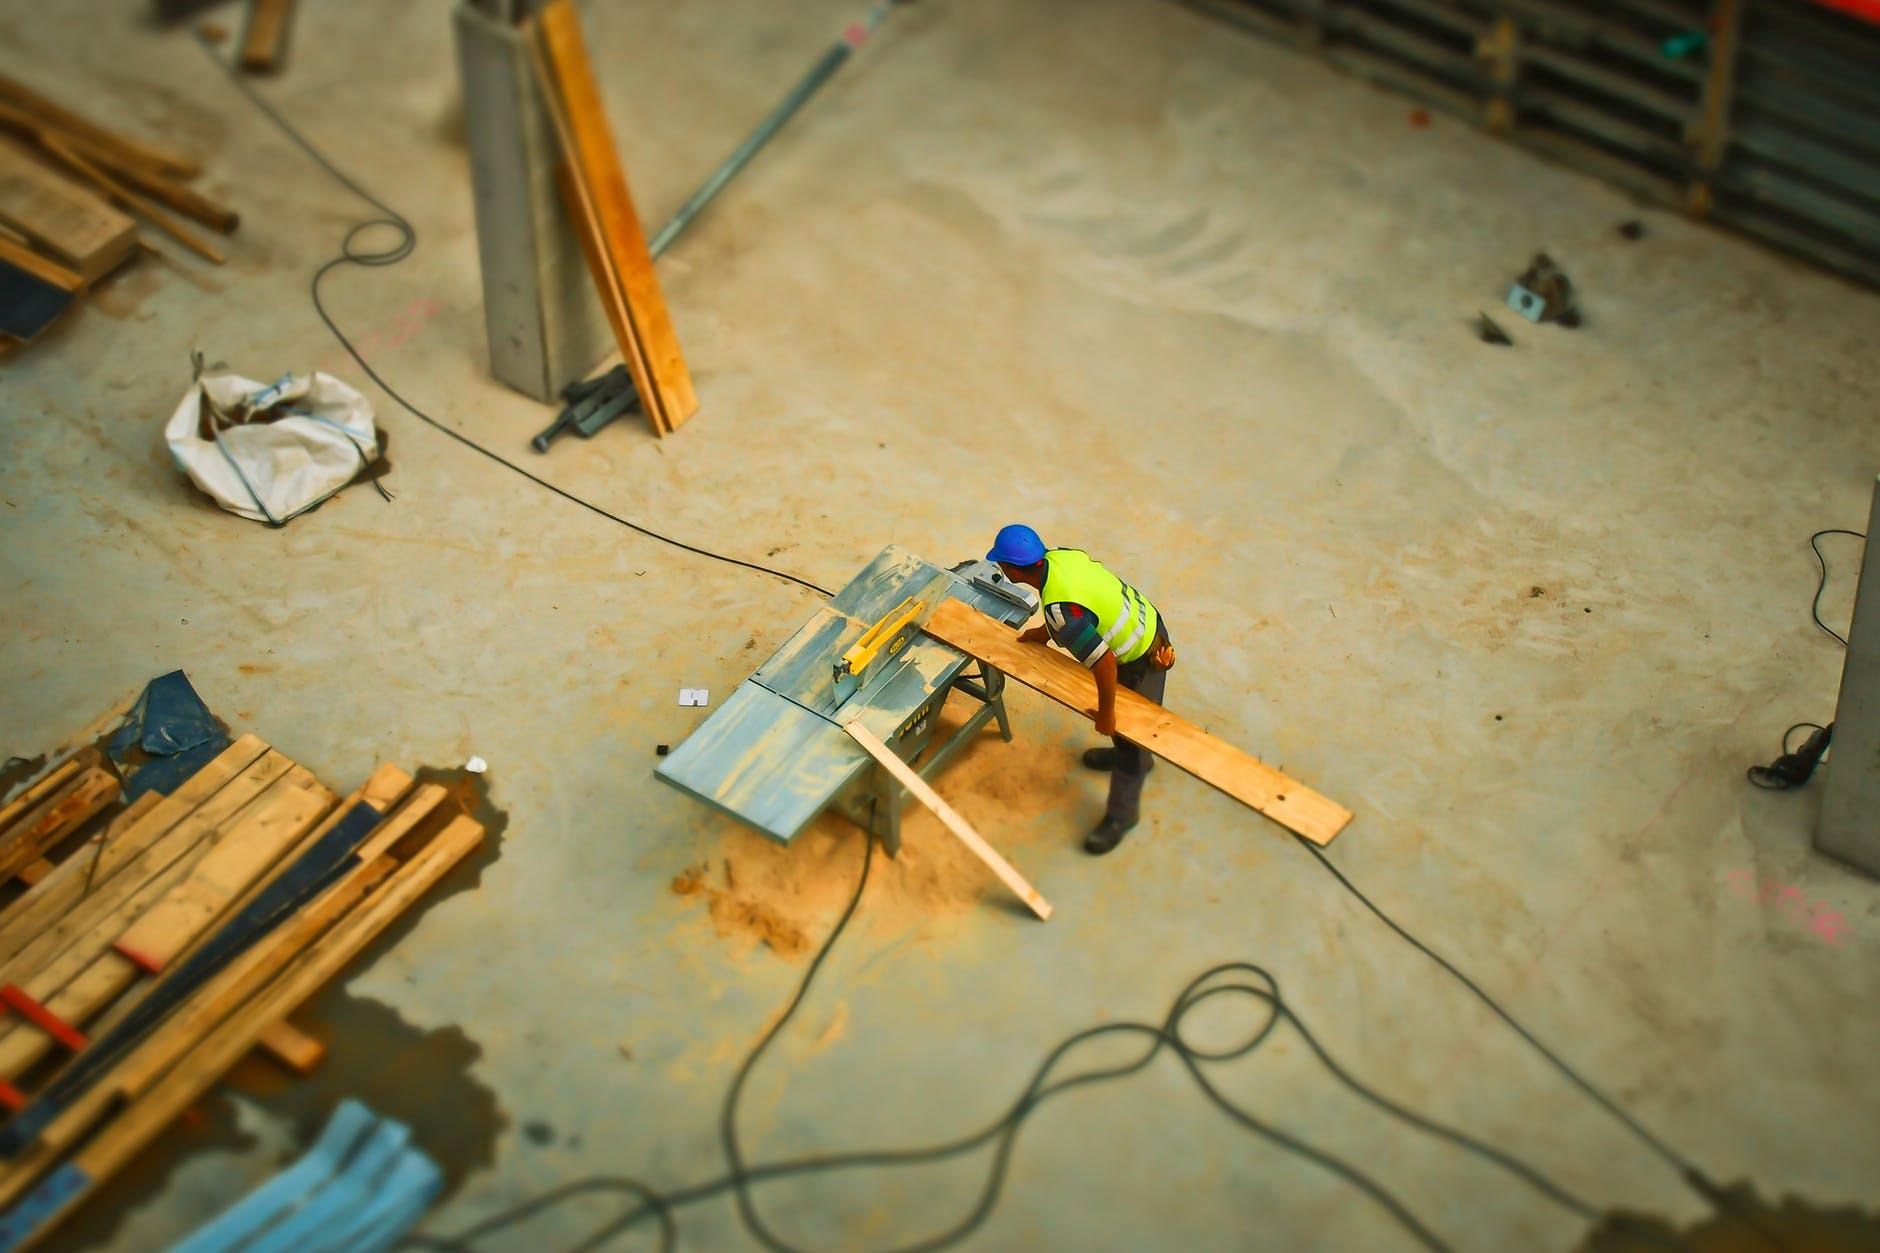 ensign m lexington small blue keen best footwear s pla men shoes pdp raven floors concrete work composite in p for view toe